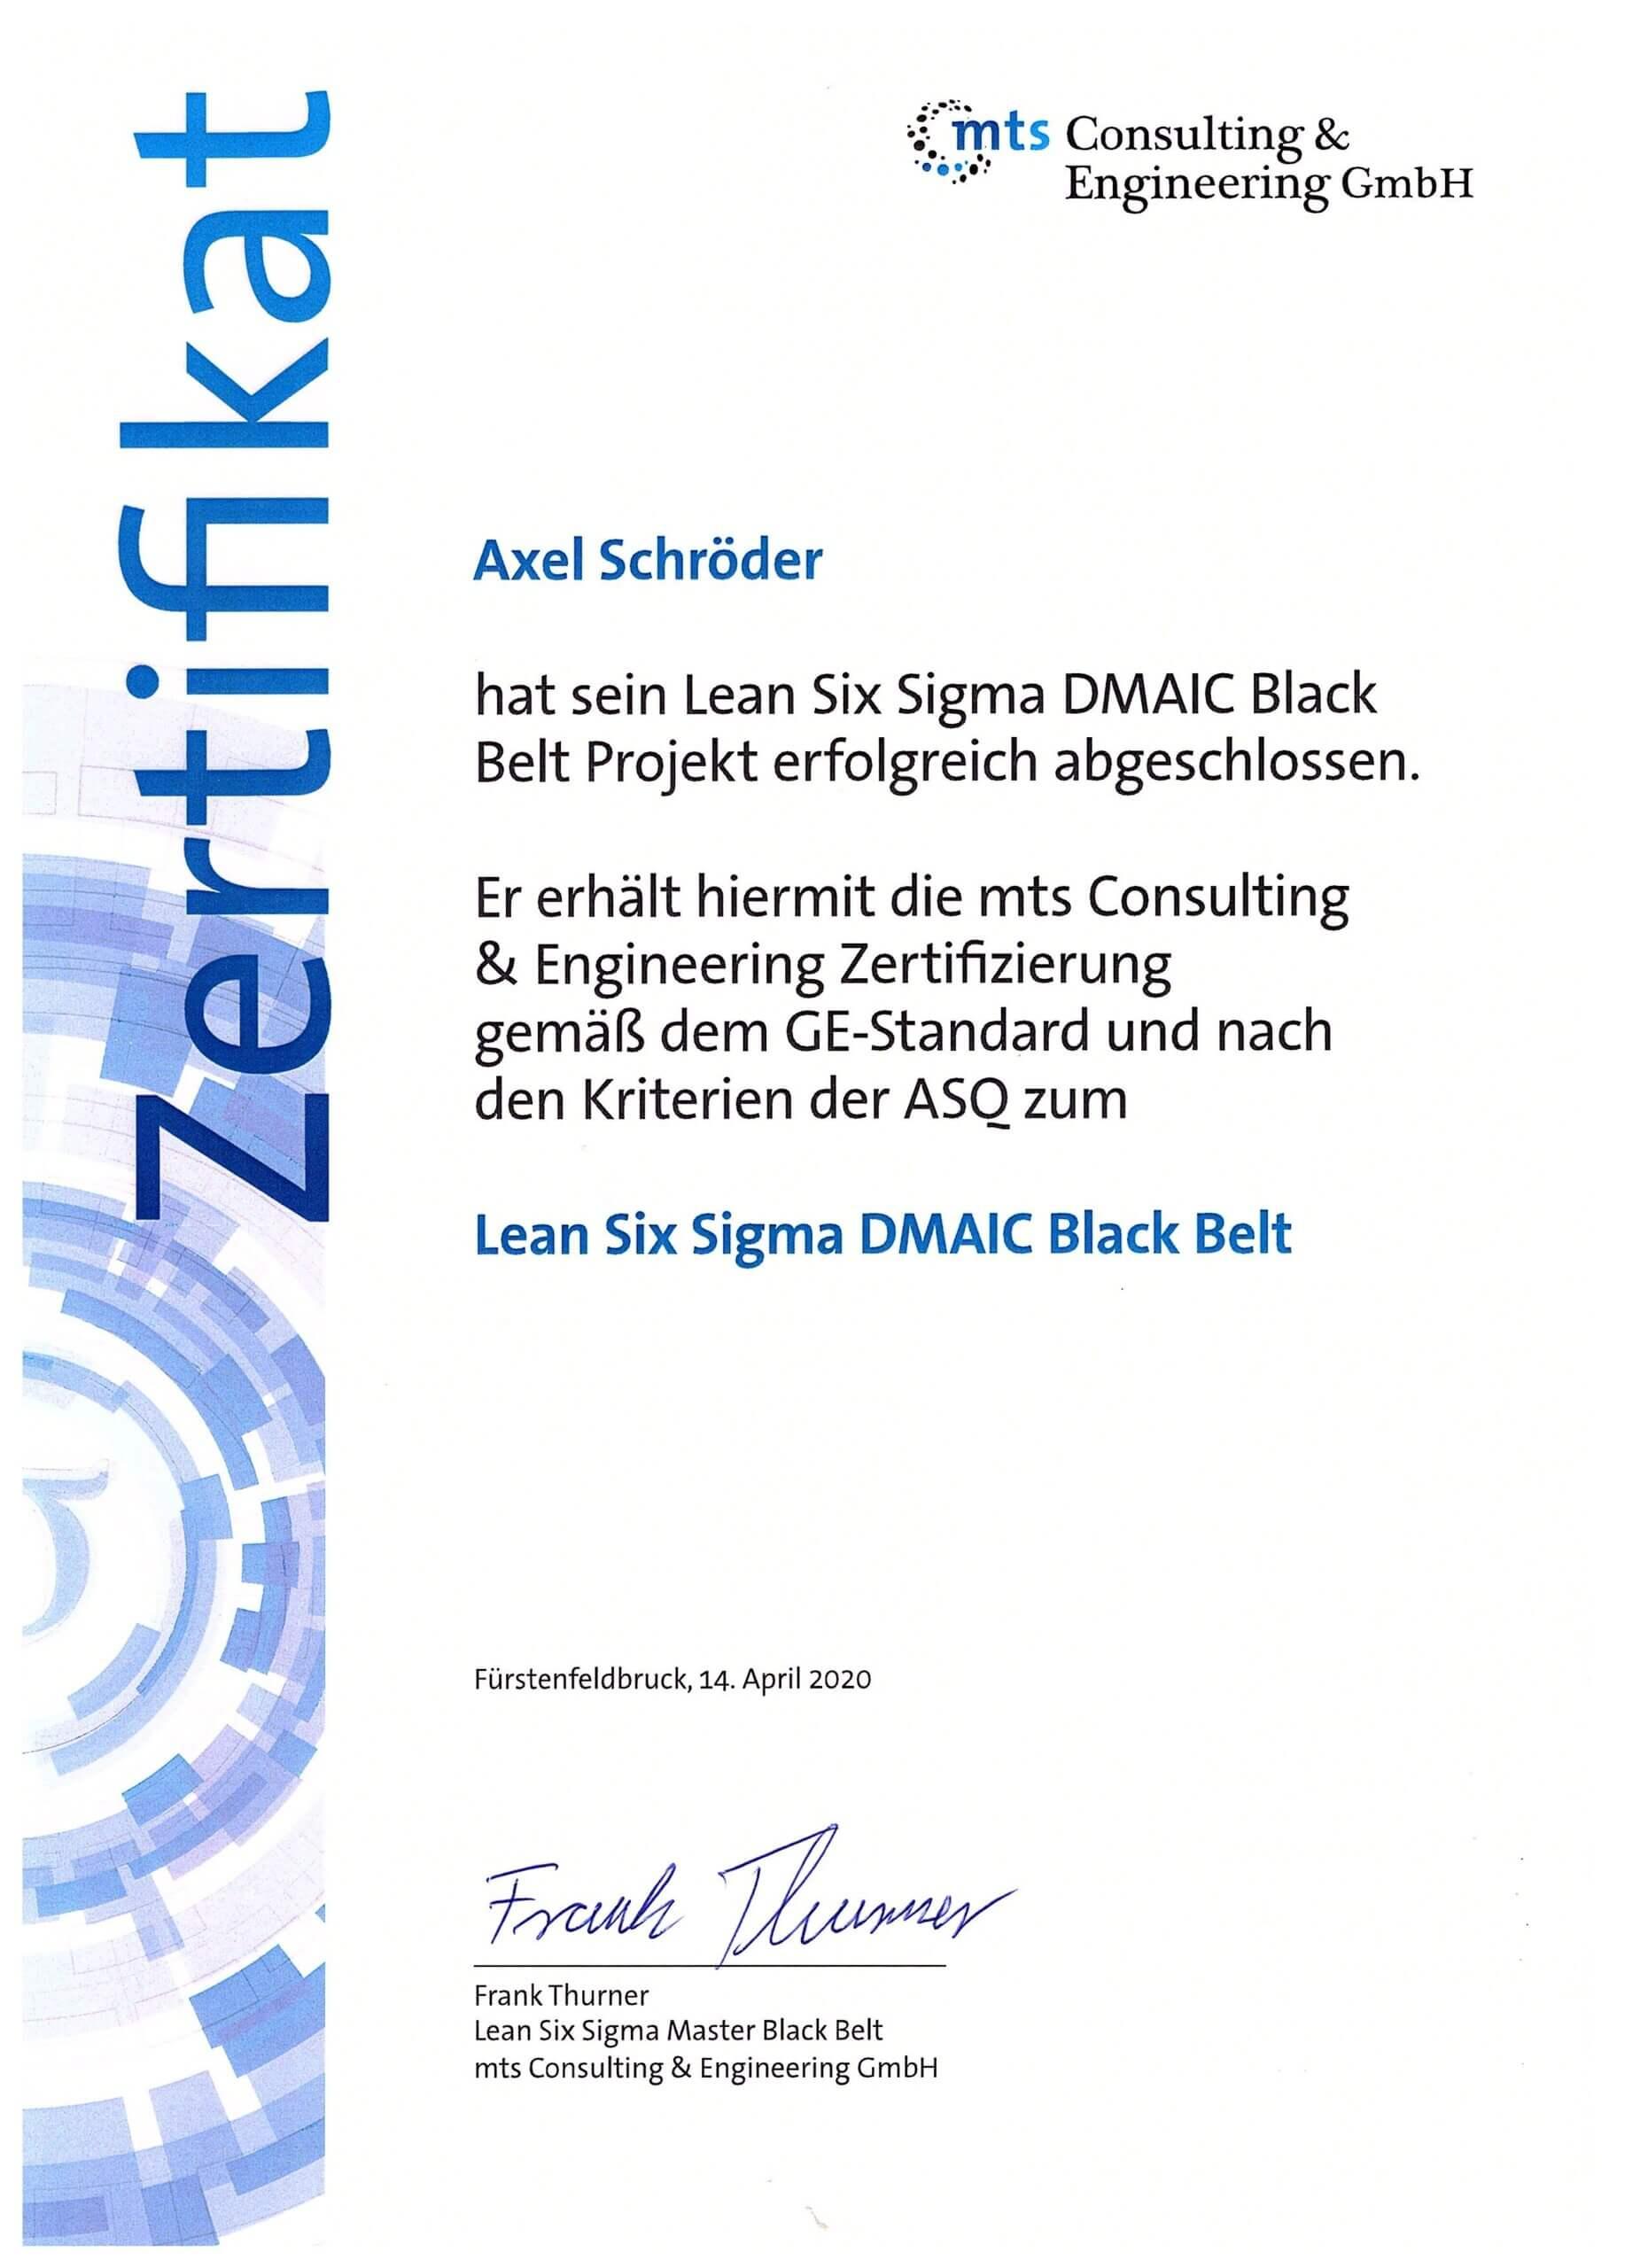 Axel Schröder ist Lean Six Sigma Black Belt